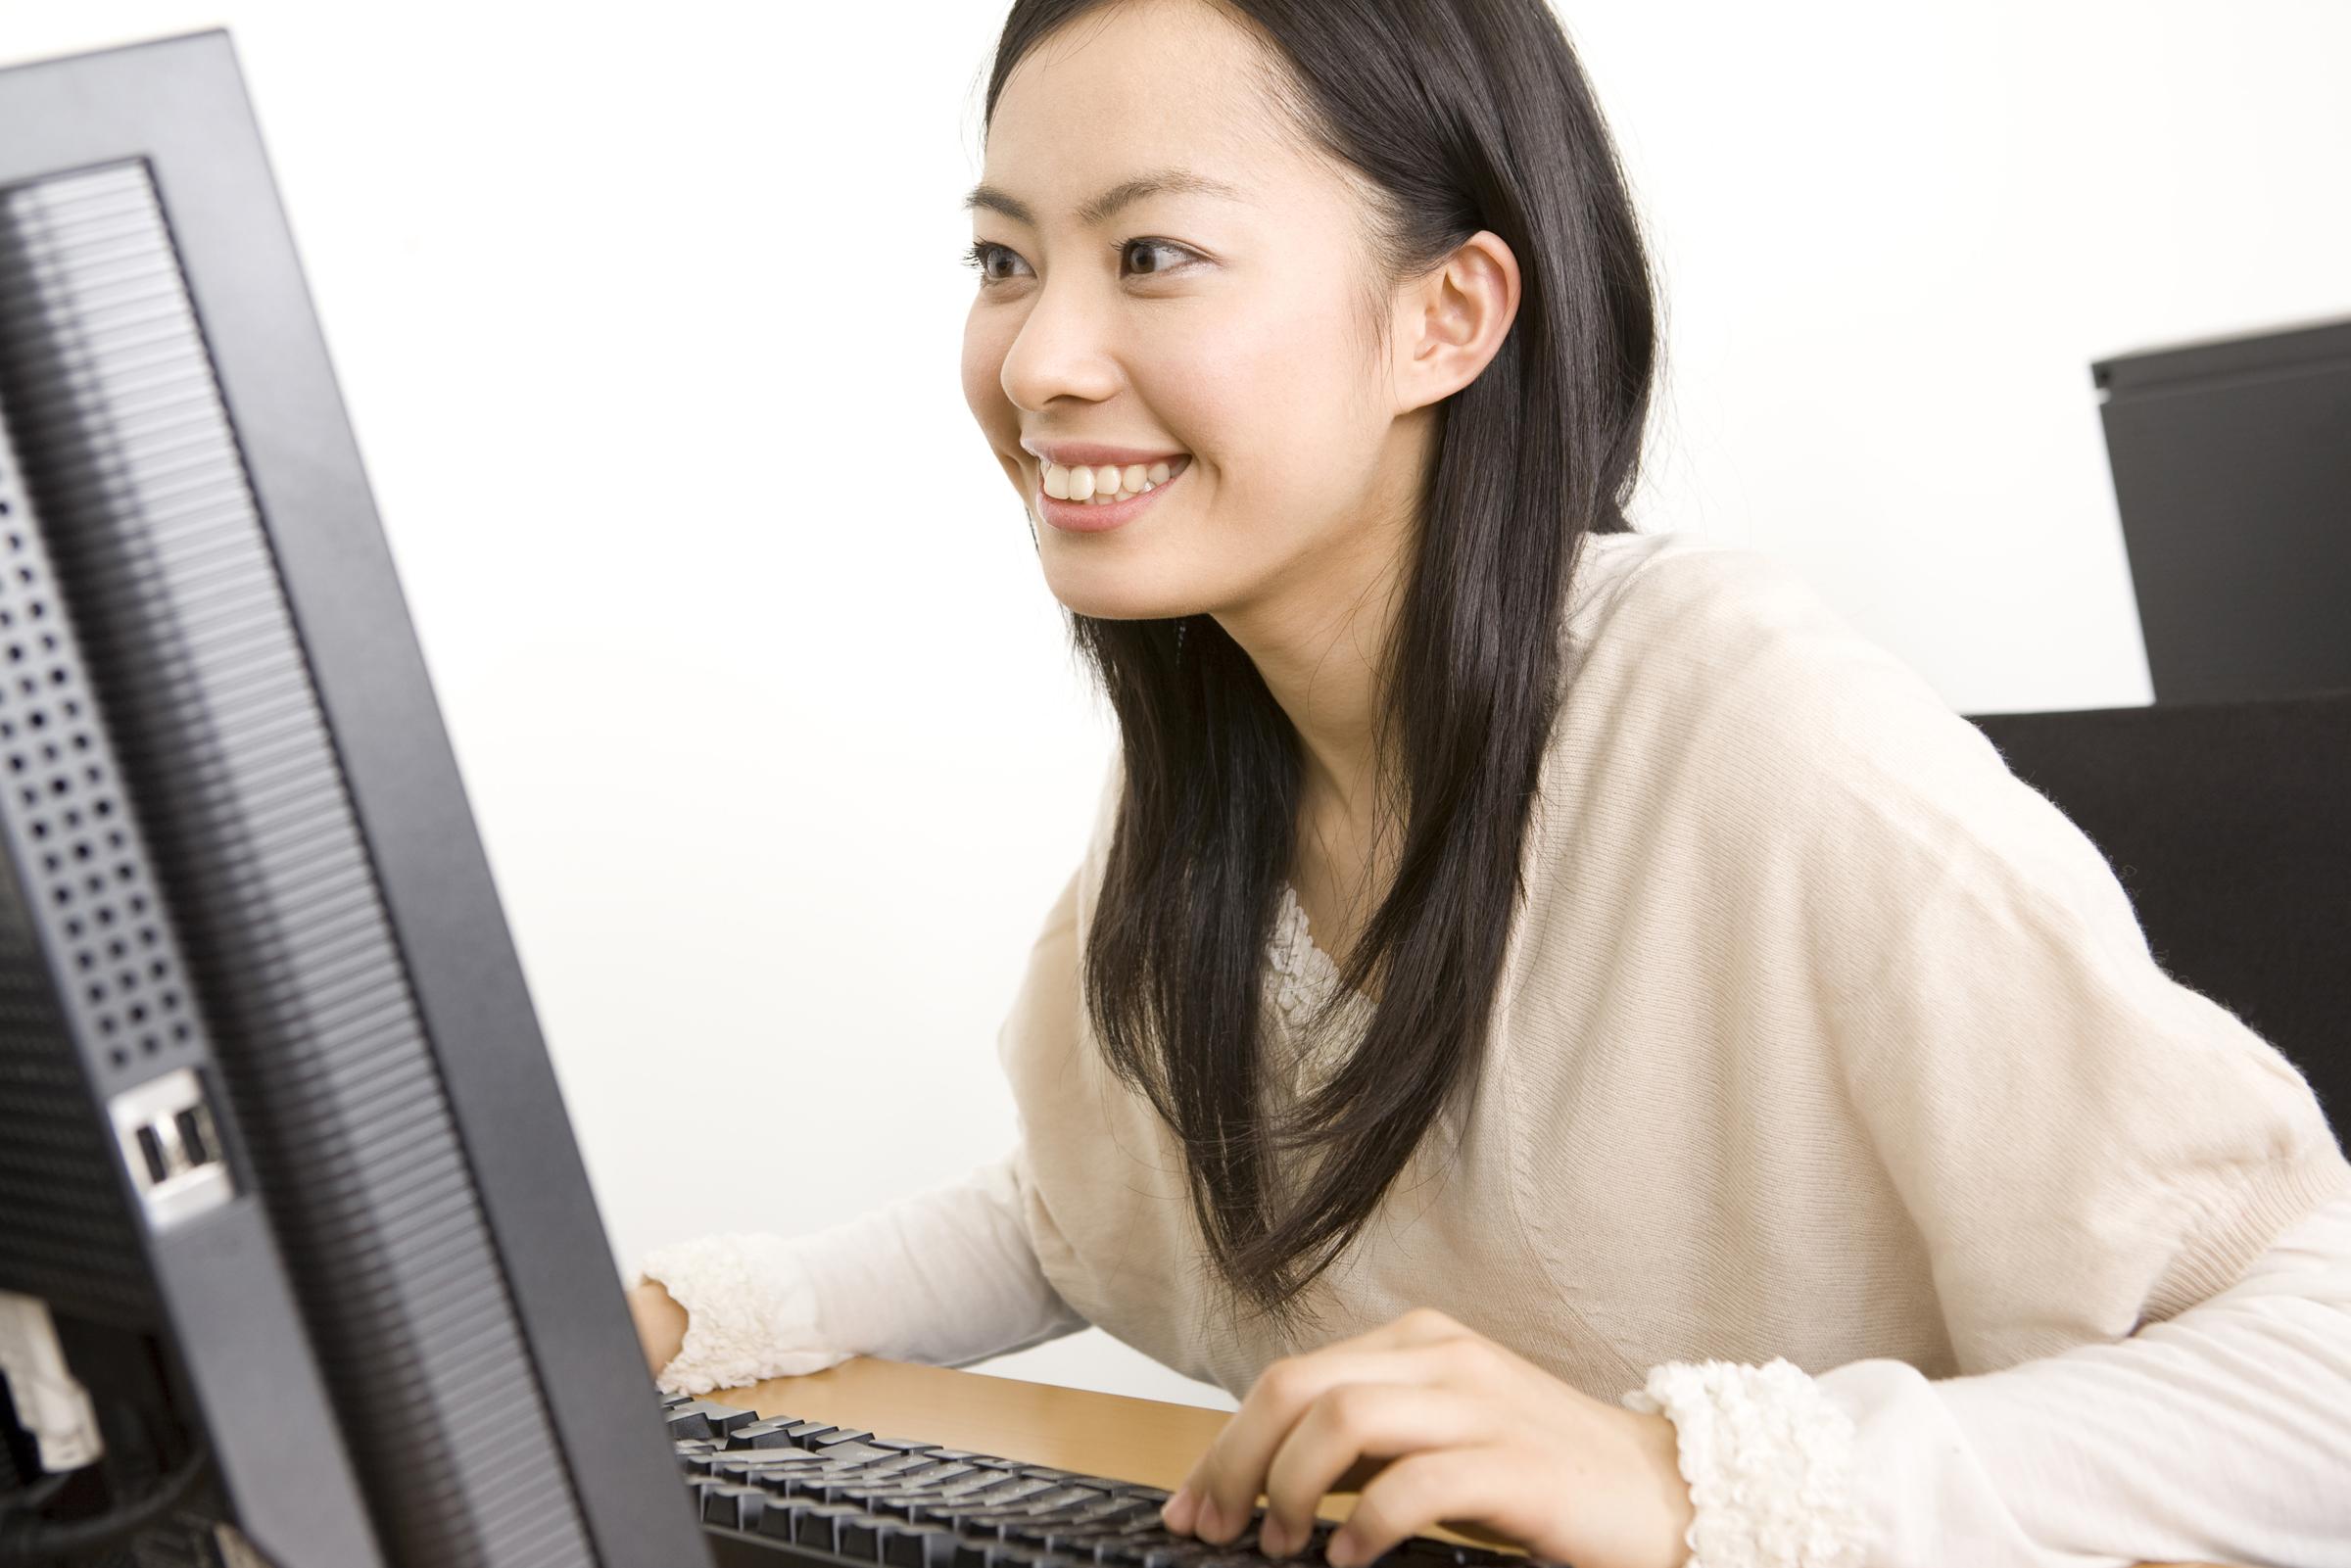 """リアルタイムでお客様をサポート!成約率上昇が期待できる""""Webチャット""""とは?"""